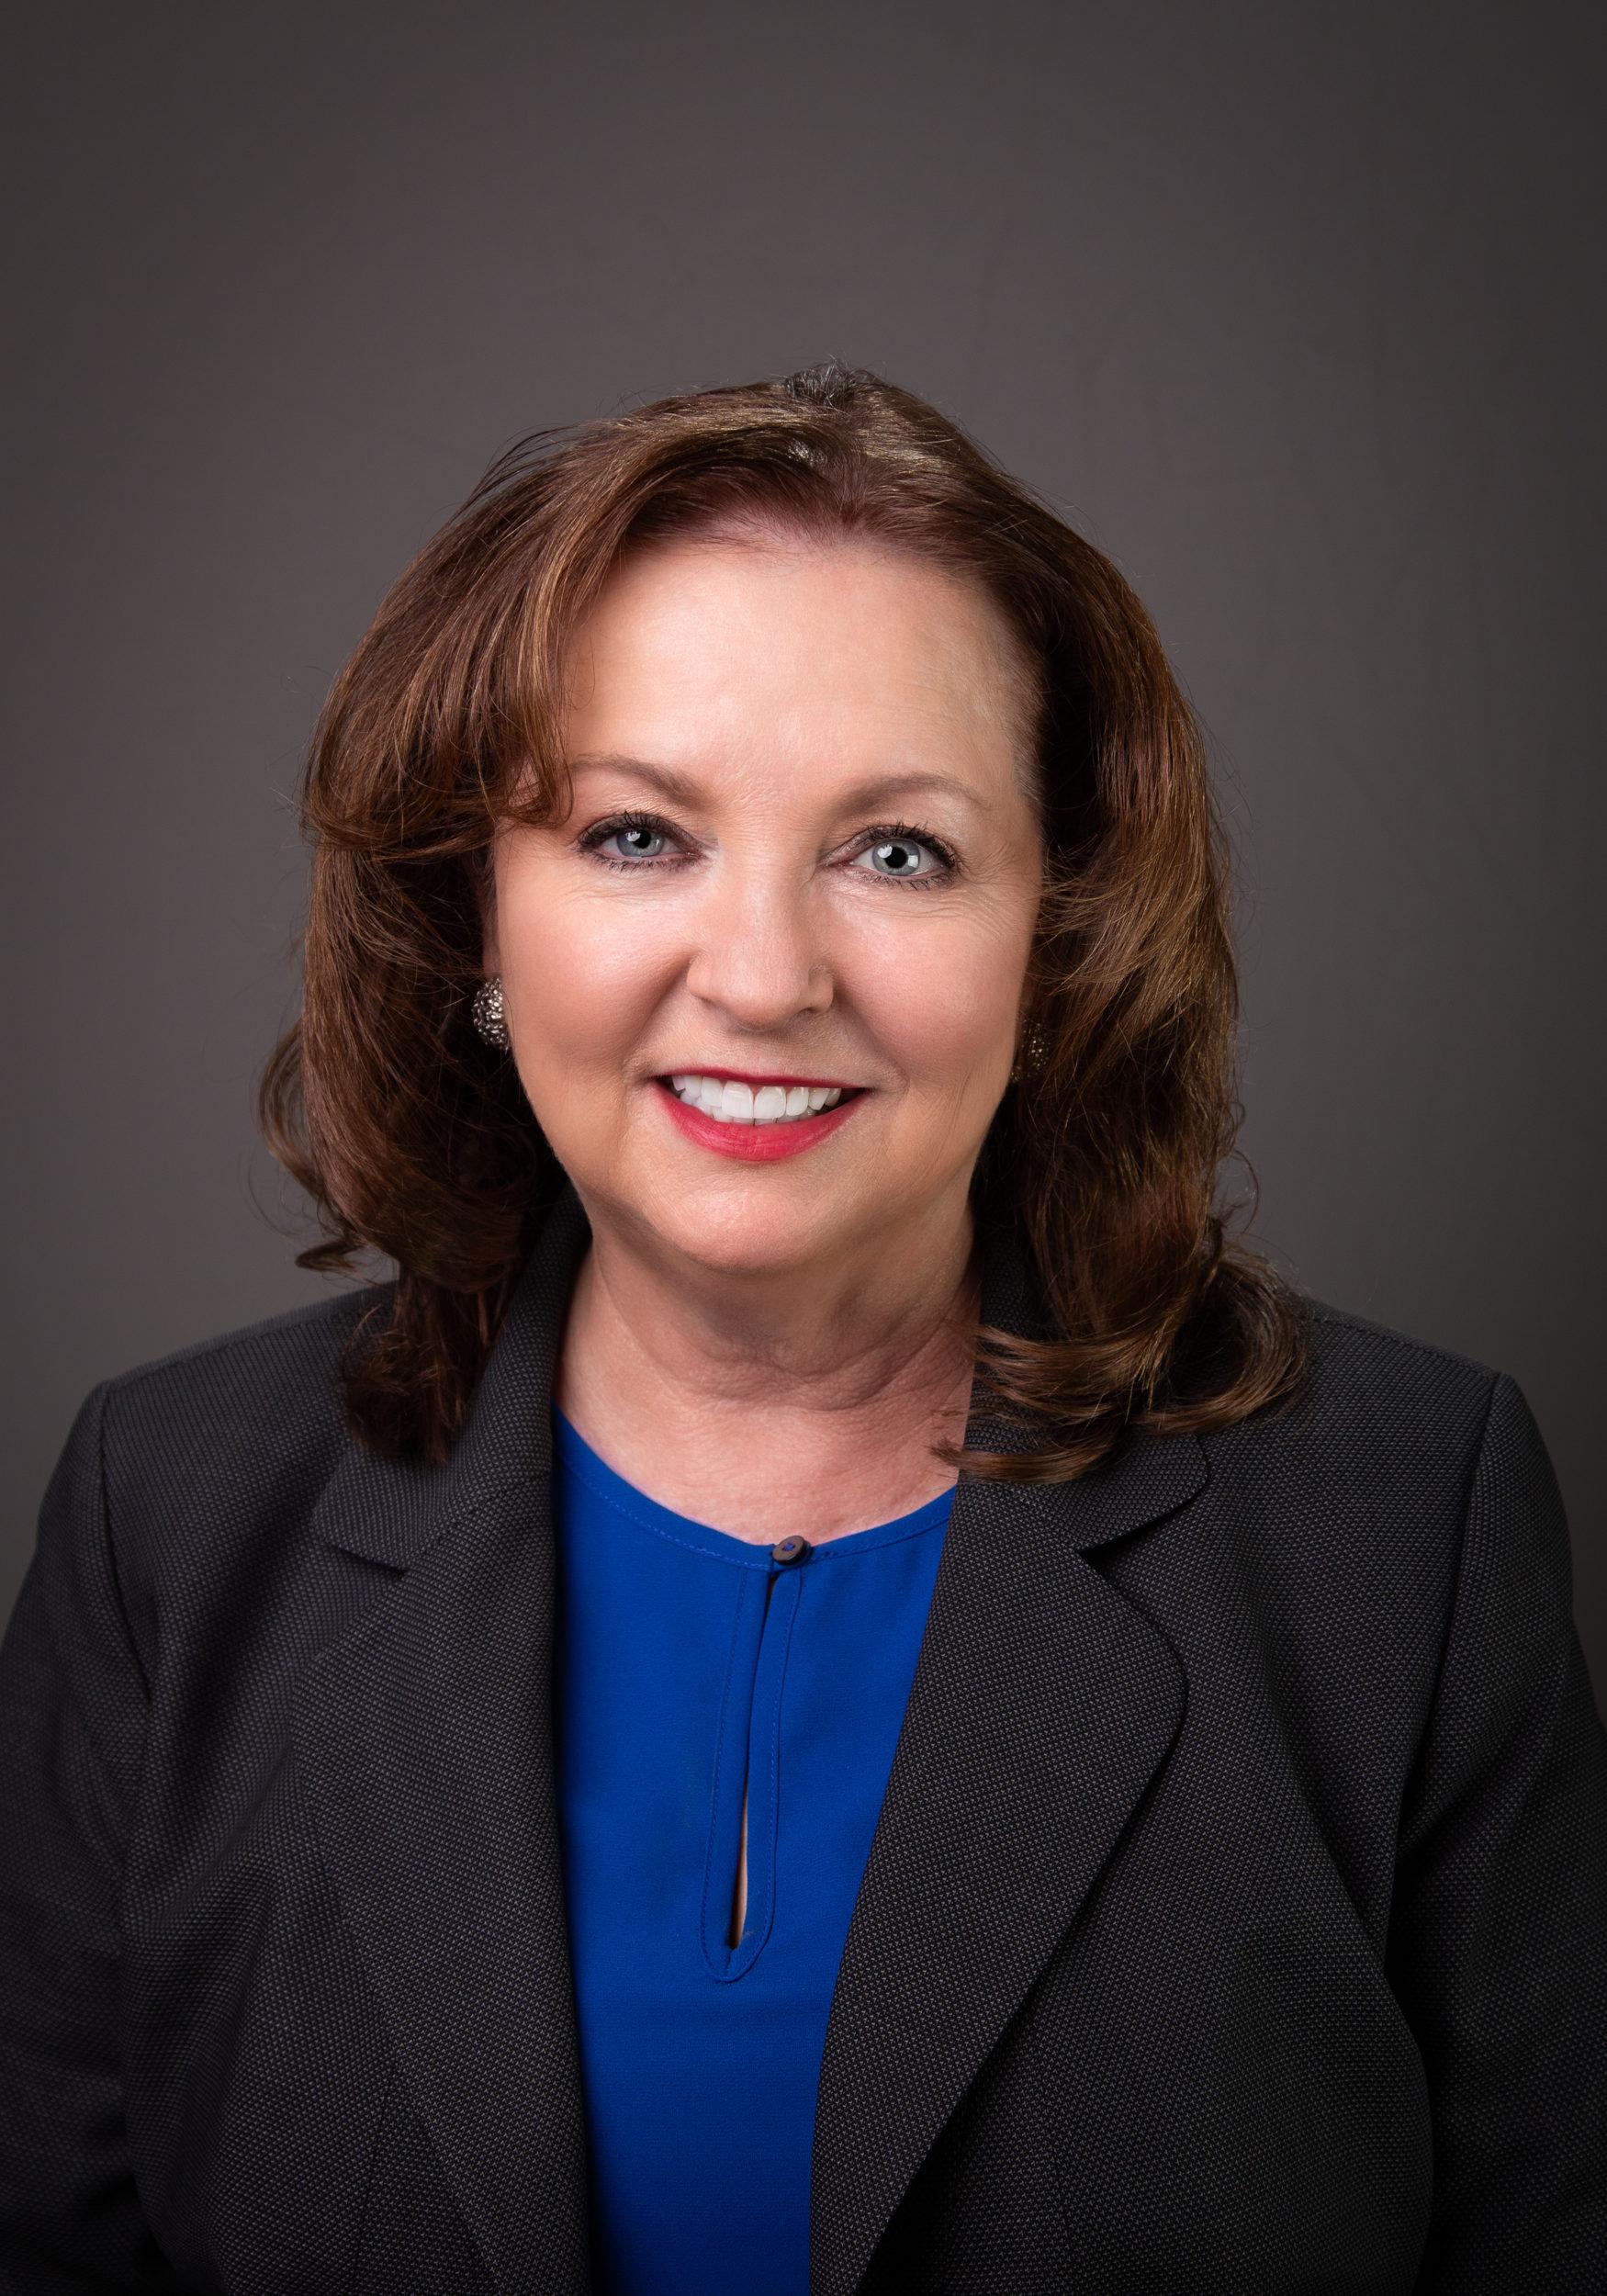 Kathleen Holmes